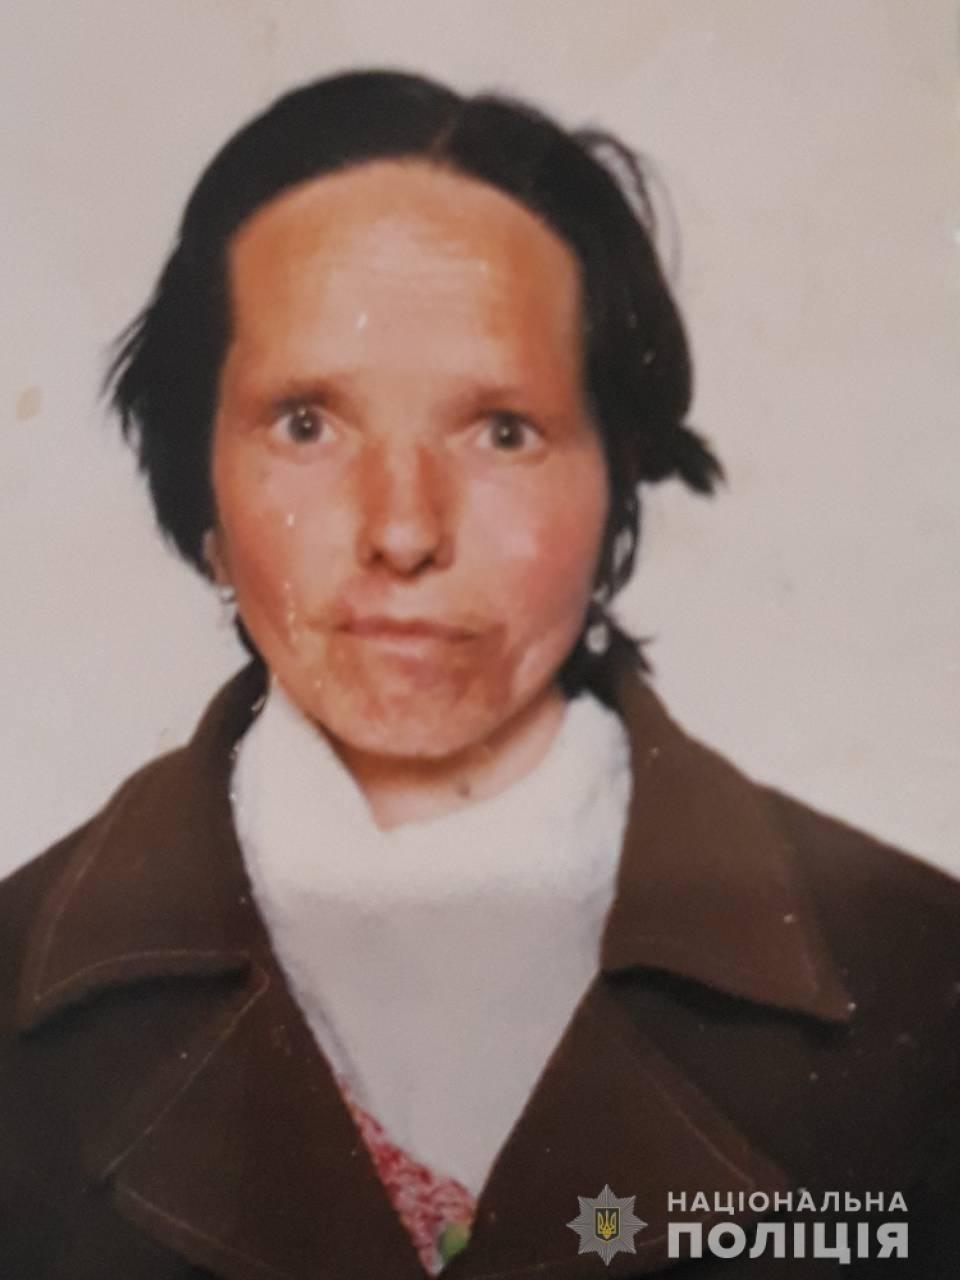 Поліція Закарпаття розшукує, зниклу 9 вересня, 62-річну Ружену Паллагі (ПРИКМЕТИ, ФОТО), фото-1